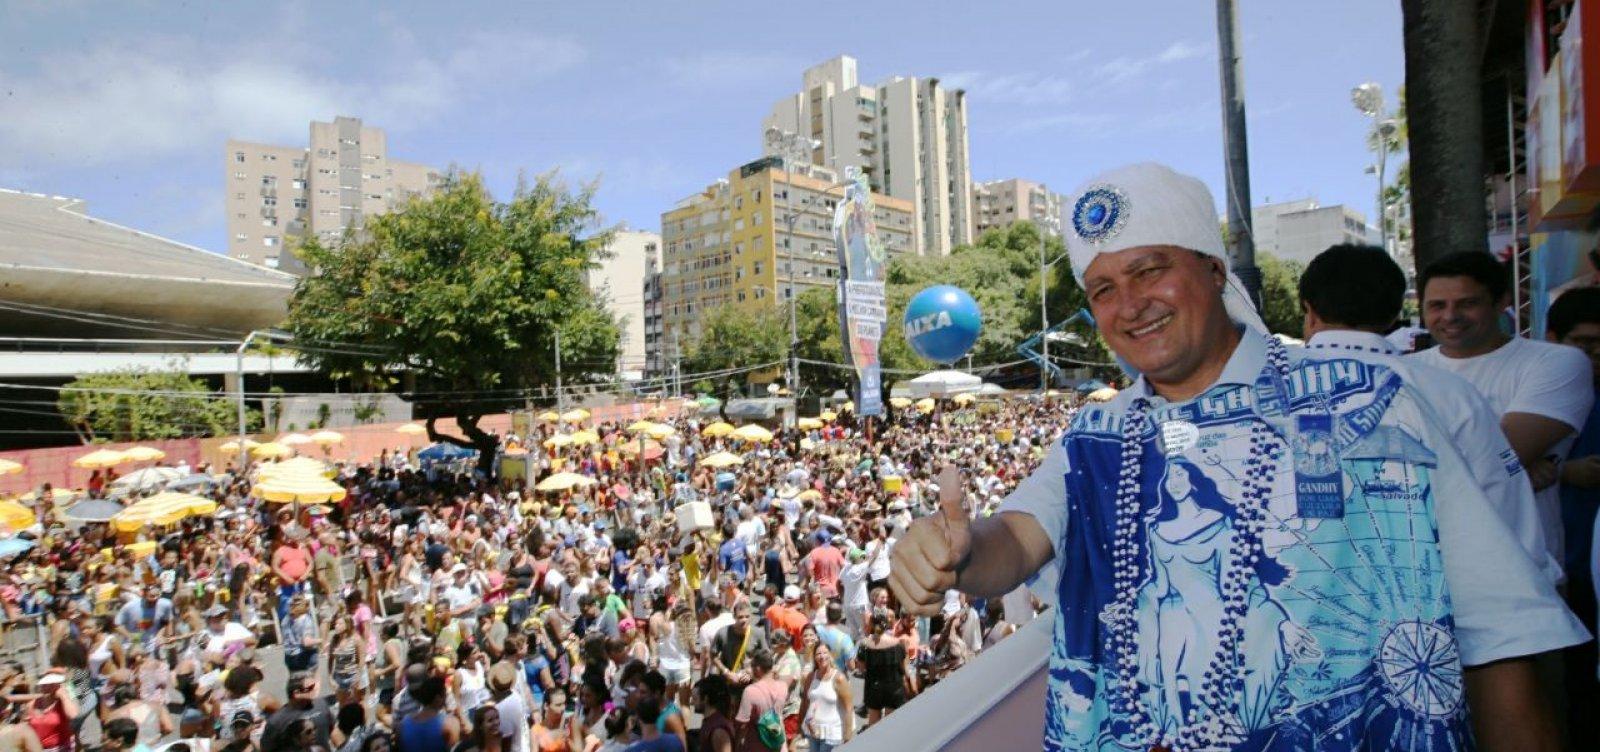 [Governo investe R$ 500 mil a menos em segurança no Carnaval do que ano passado]